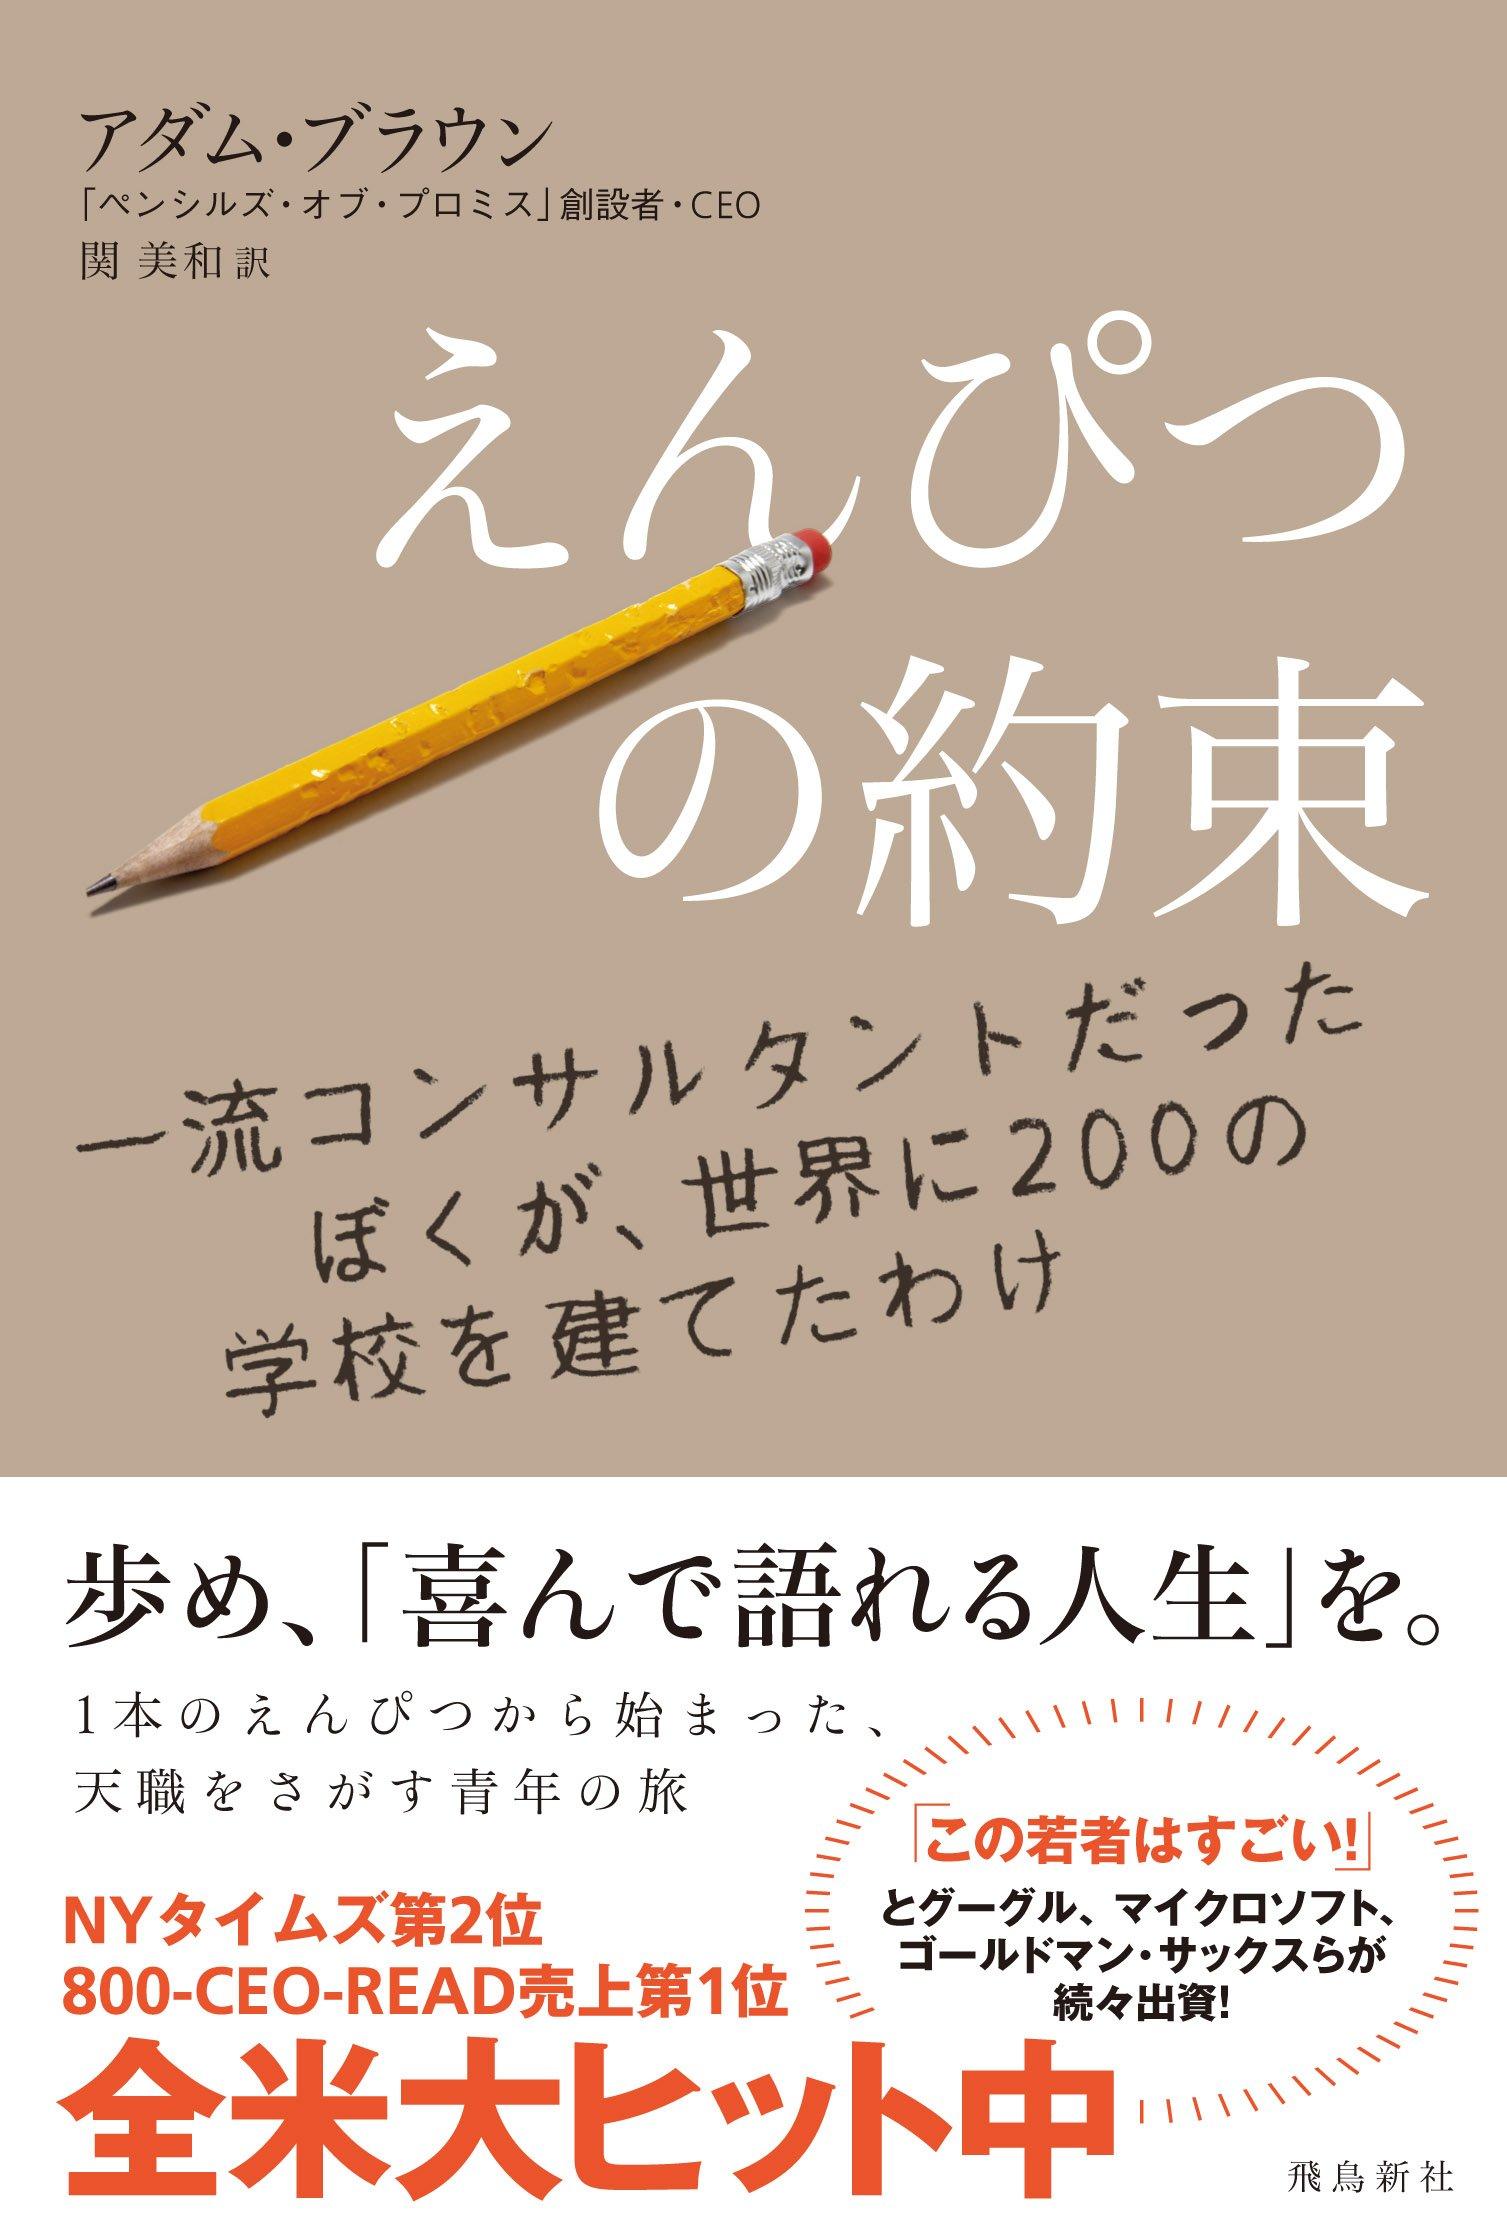 Enpitsu no yakusoku : ichiryū konsarutanto datta boku ga sekai ni nihyaku no gakkō o tateta wake PDF